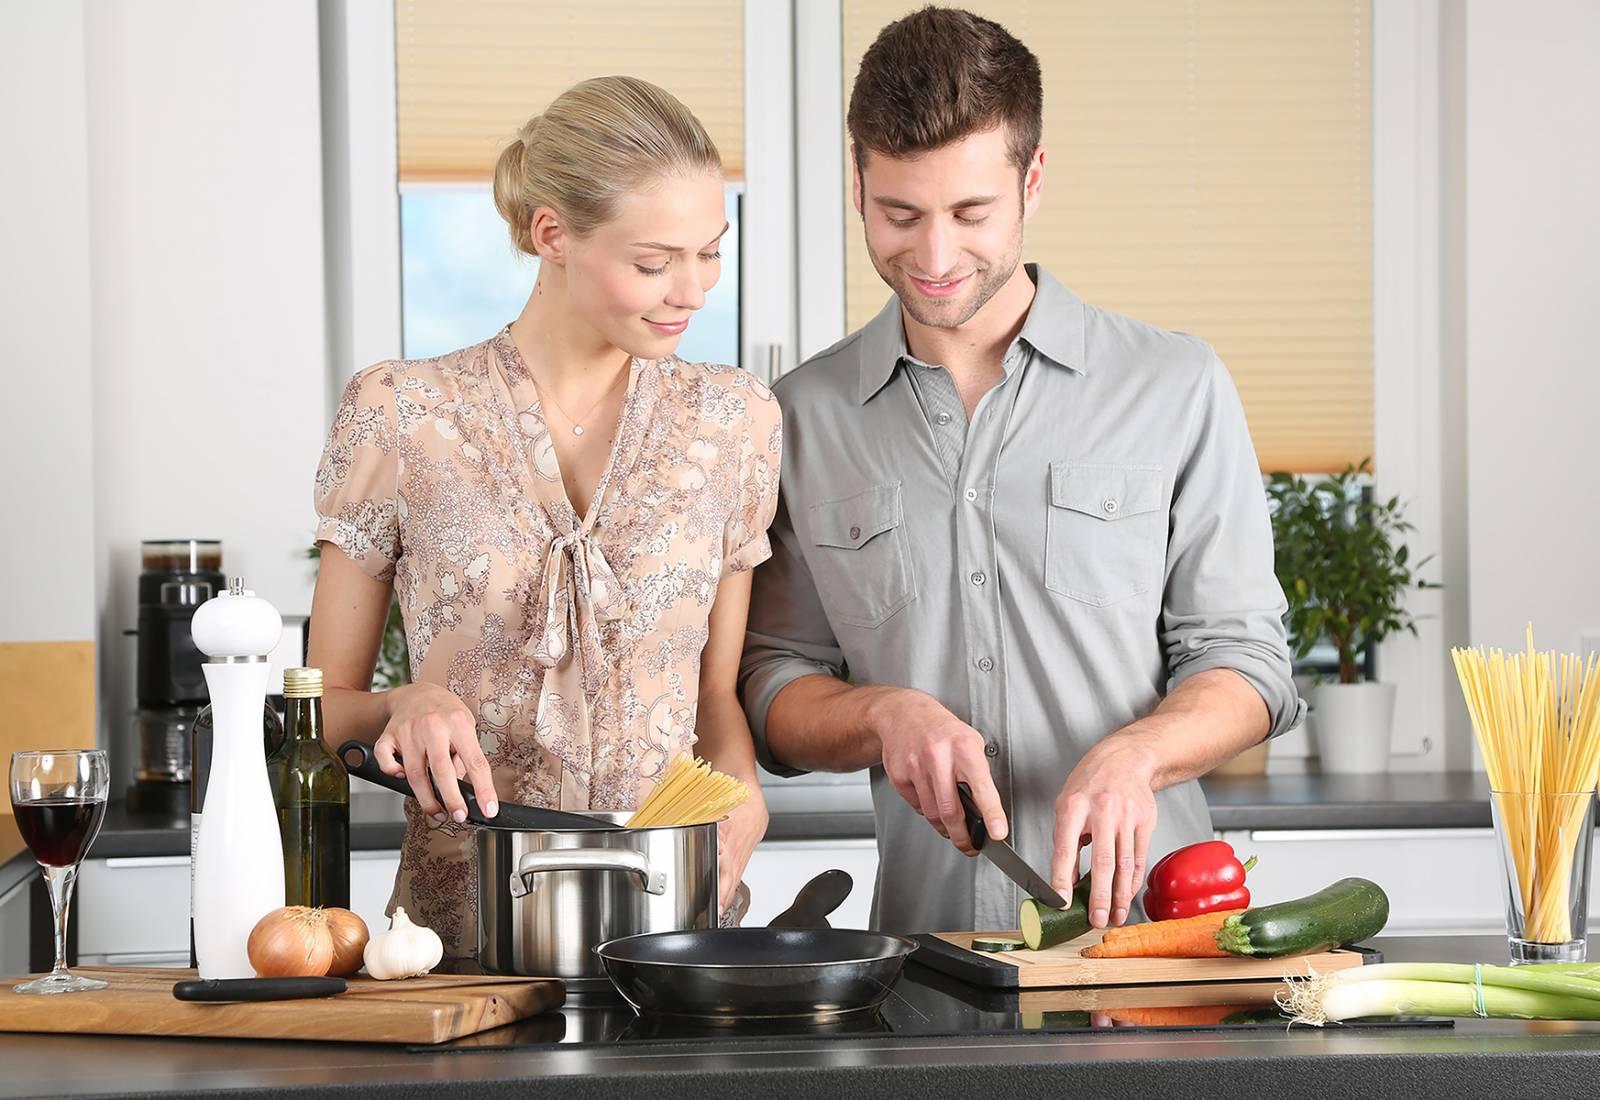 Immagine In cucina conta solo la fantasia? 1